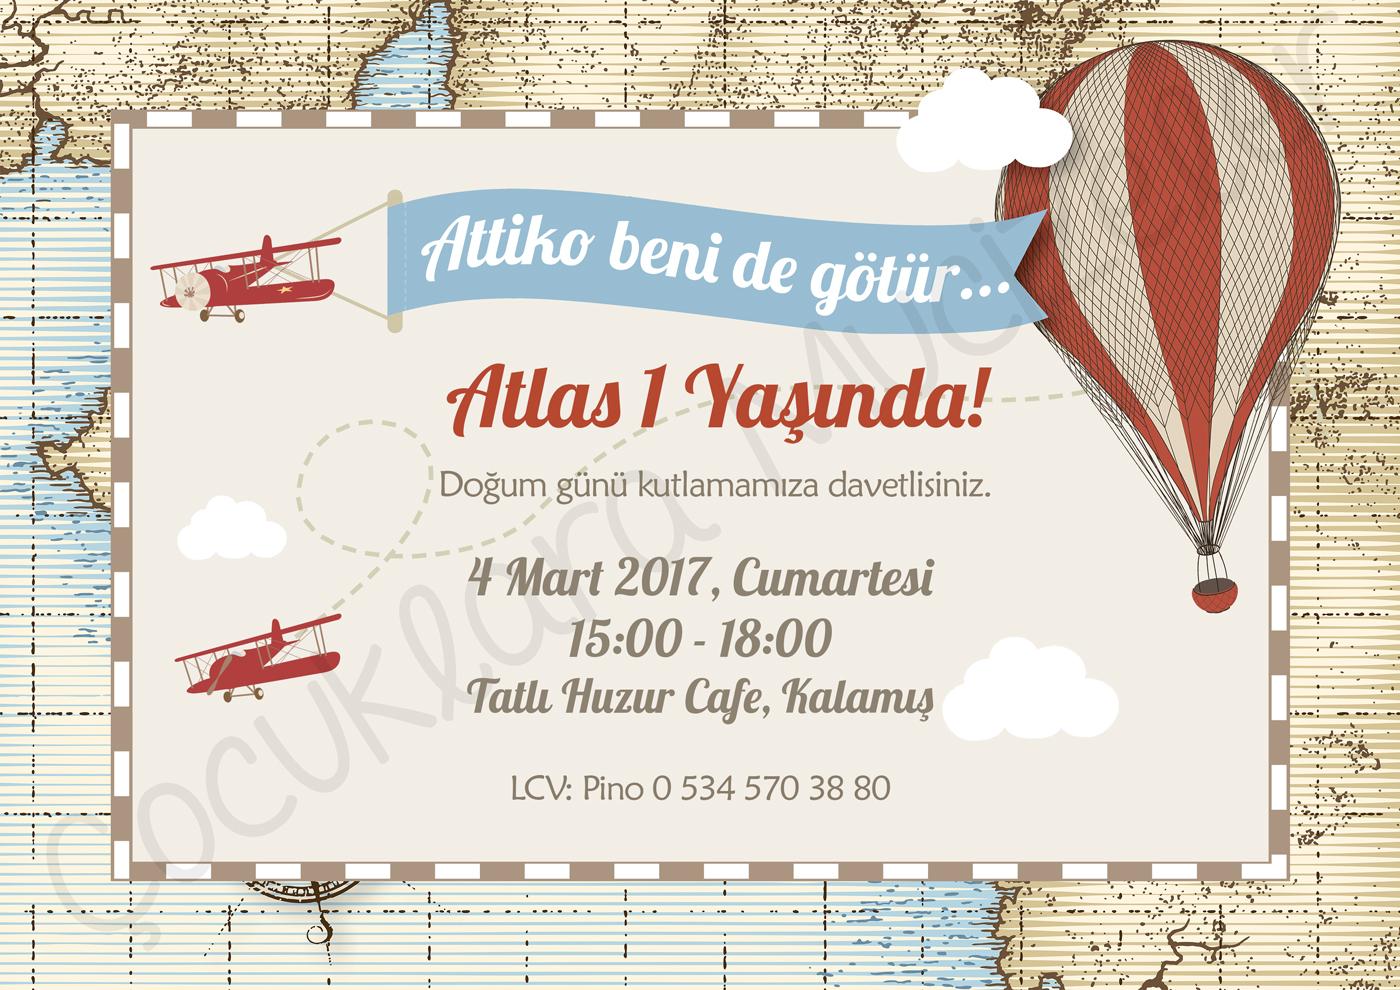 Atlas-Erbaş.jpg